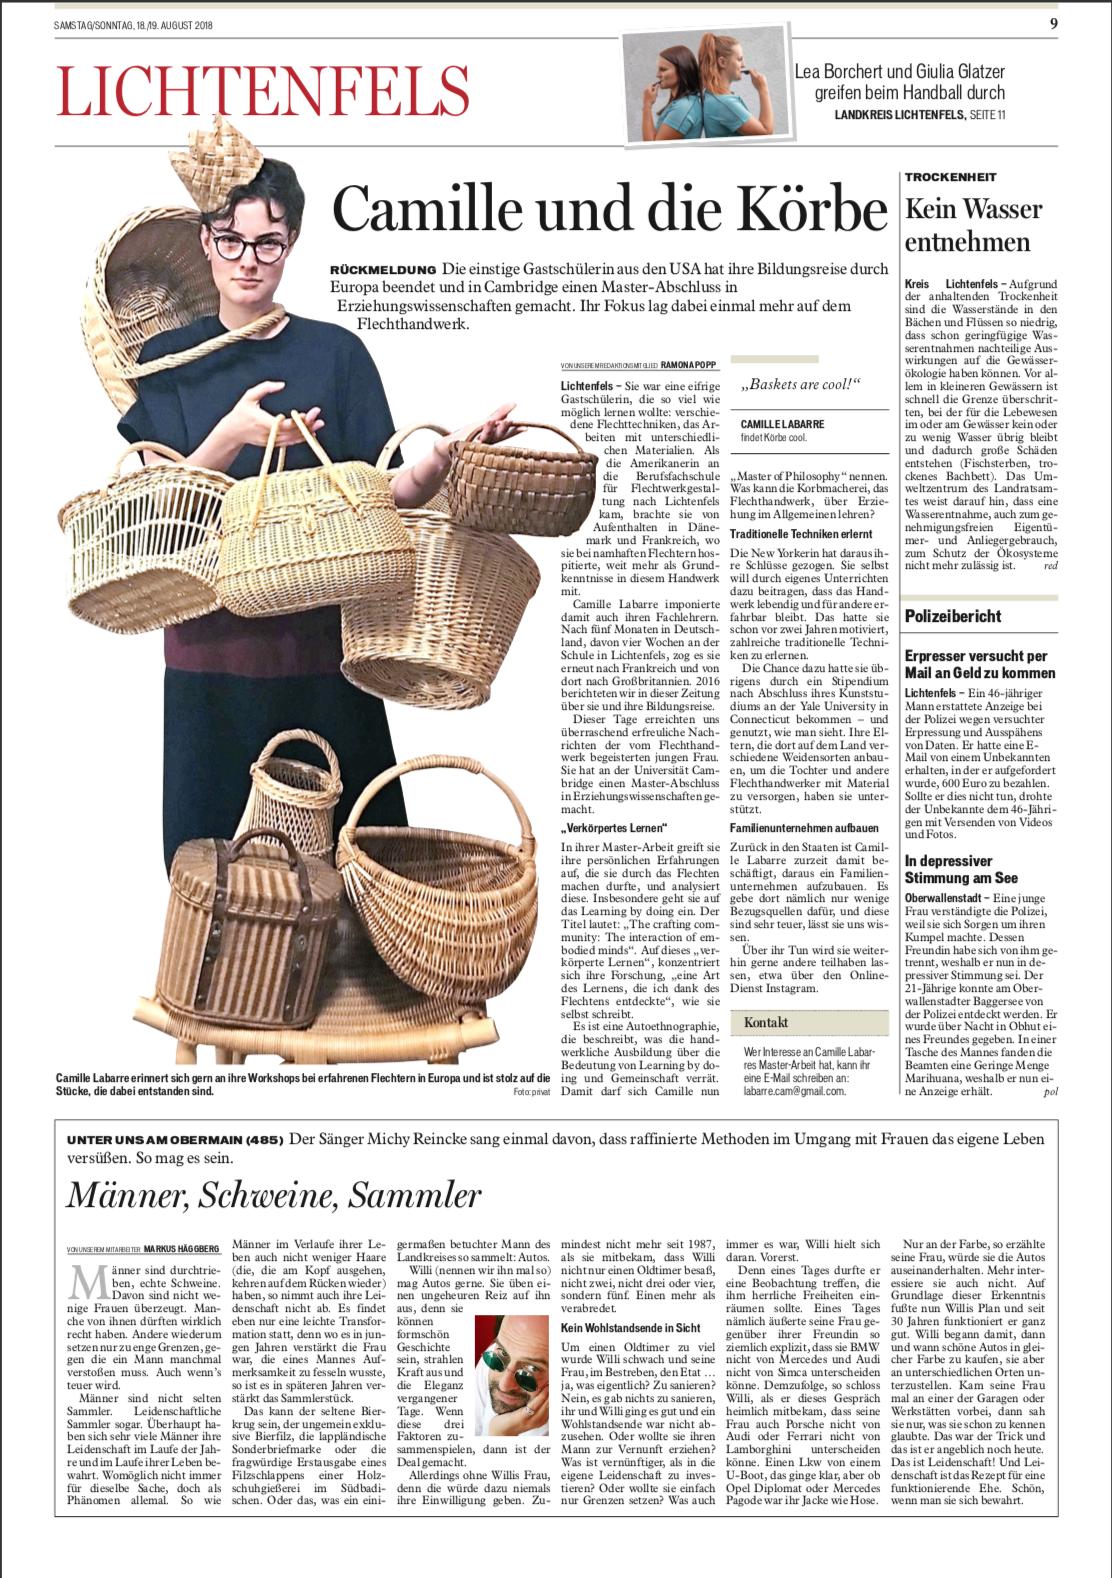 Fränkischer Tag - August 18/19, 2018